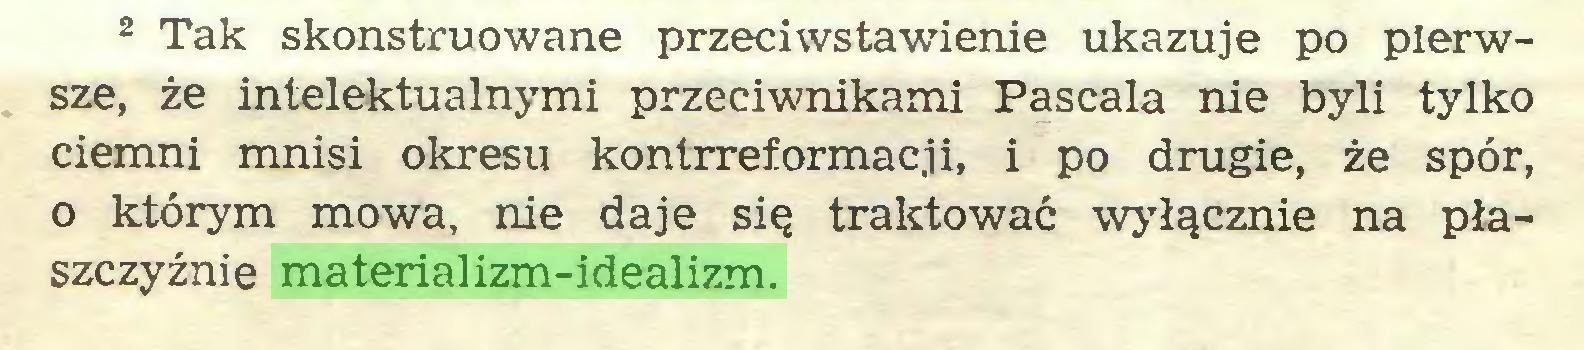 (...) 2 Tak skonstruowane przeciwstawienie ukazuje po pierwsze, że intelektualnymi przeciwnikami Pascala nie byli tylko ciemni mnisi okresu kontrreformacji, i po drugie, że spór, o którym mowa, nie daje się traktować wyłącznie na płaszczyźnie materializm-idealizm...